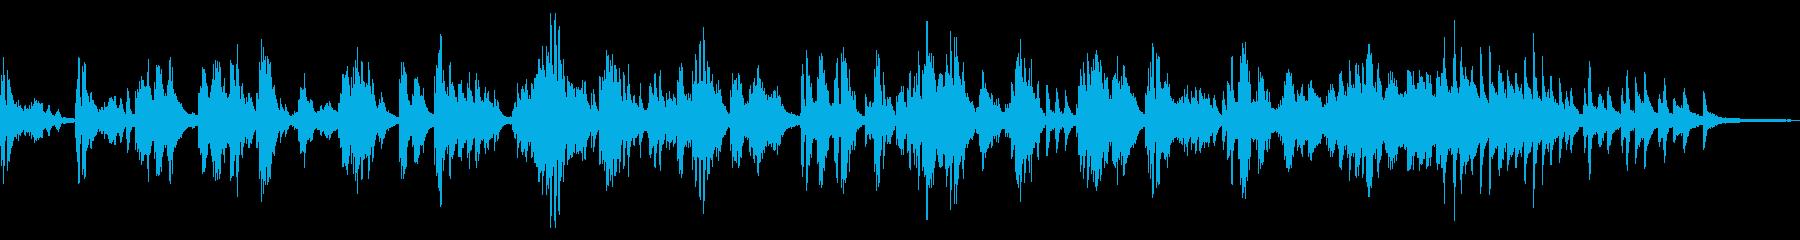 厳か/伝統的な和風曲22-ピアノソロの再生済みの波形